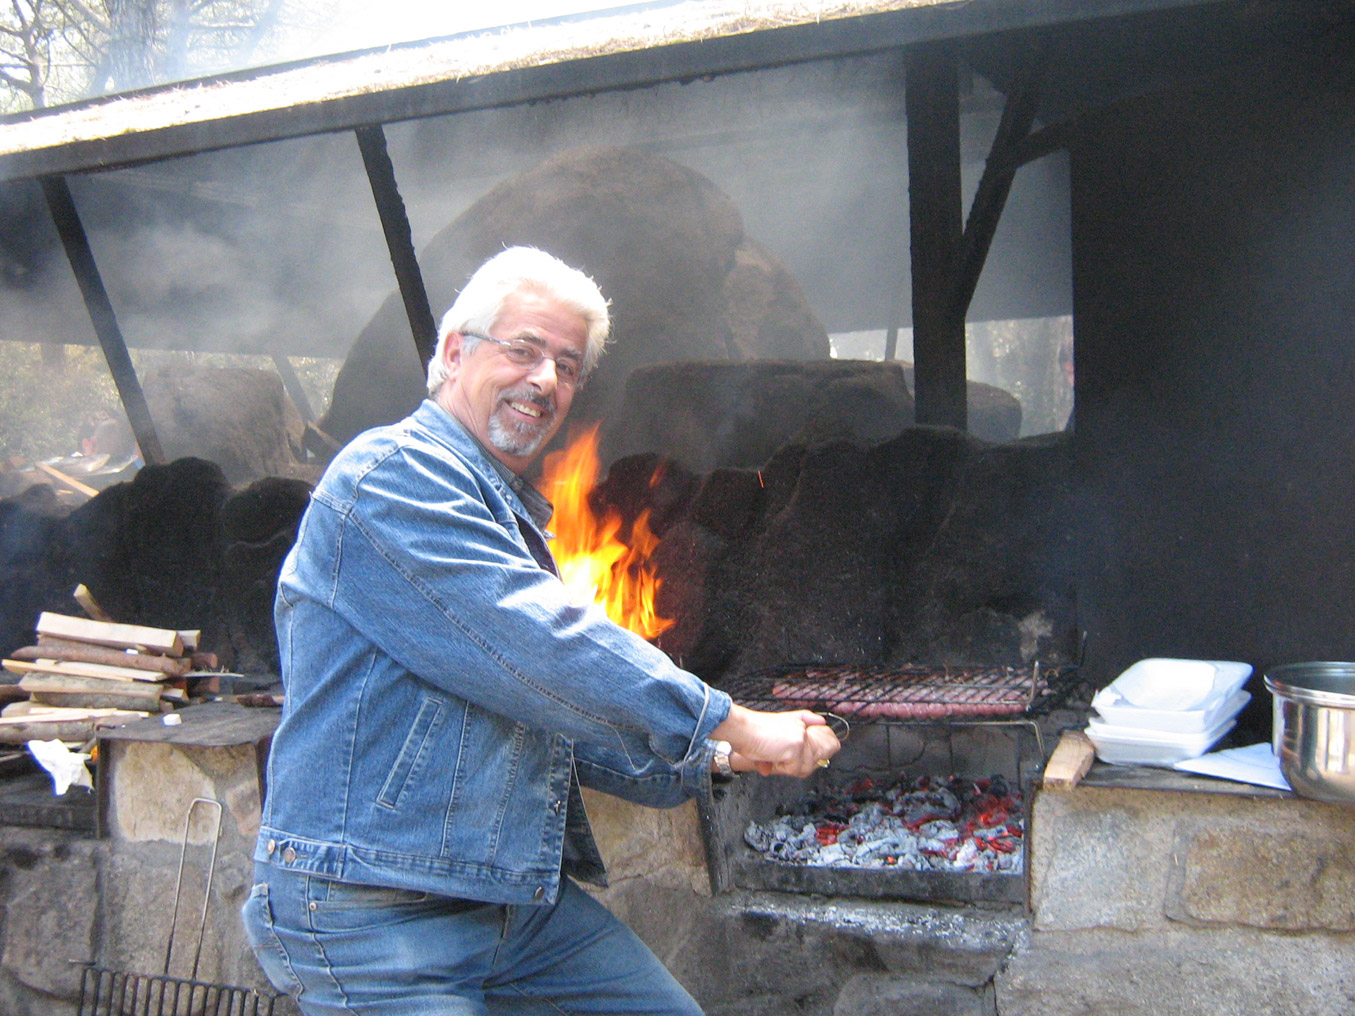 Cocinero en los fogones